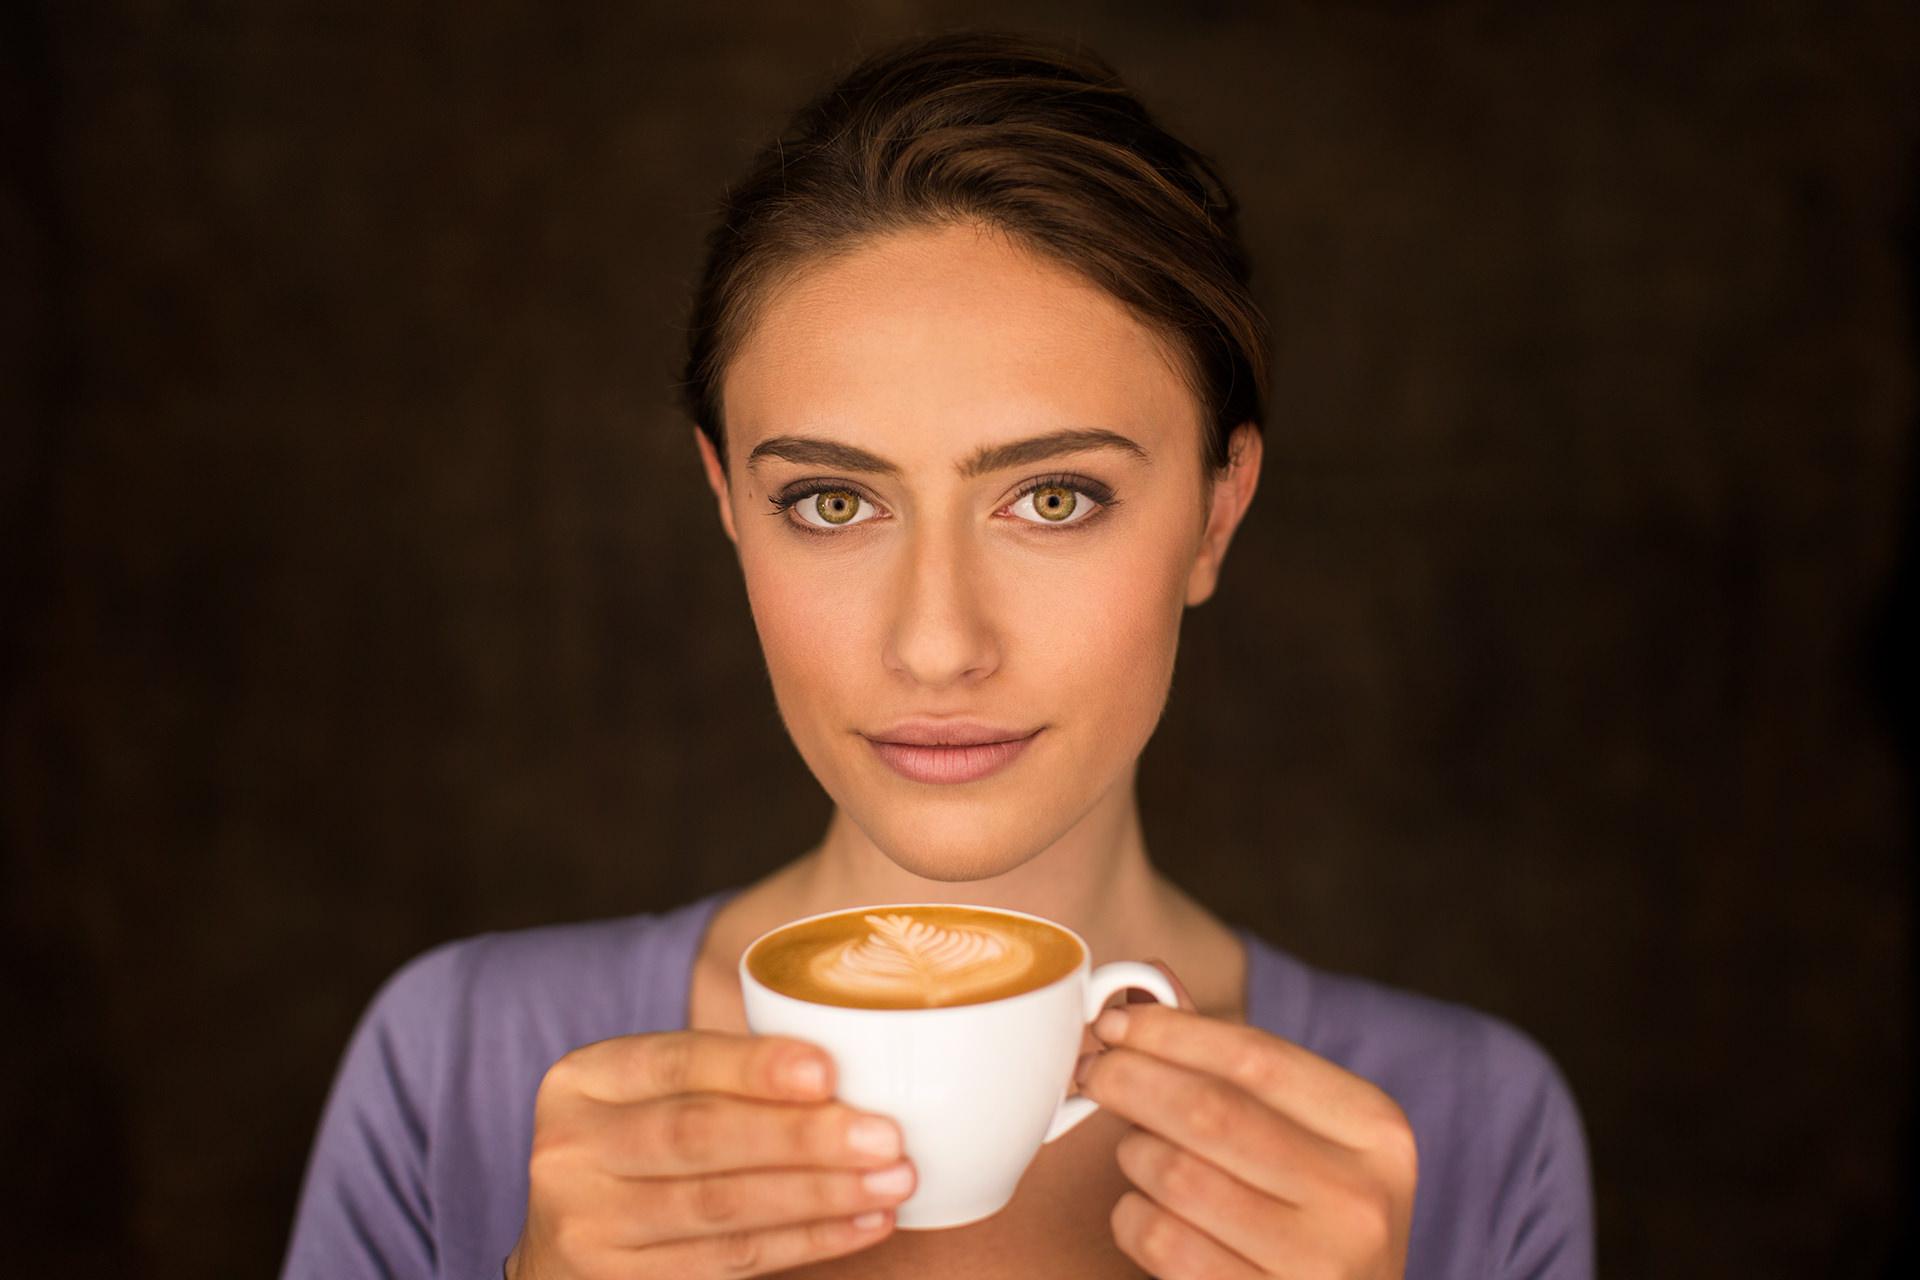 frau-portrait-kaffee-tasse-lidl